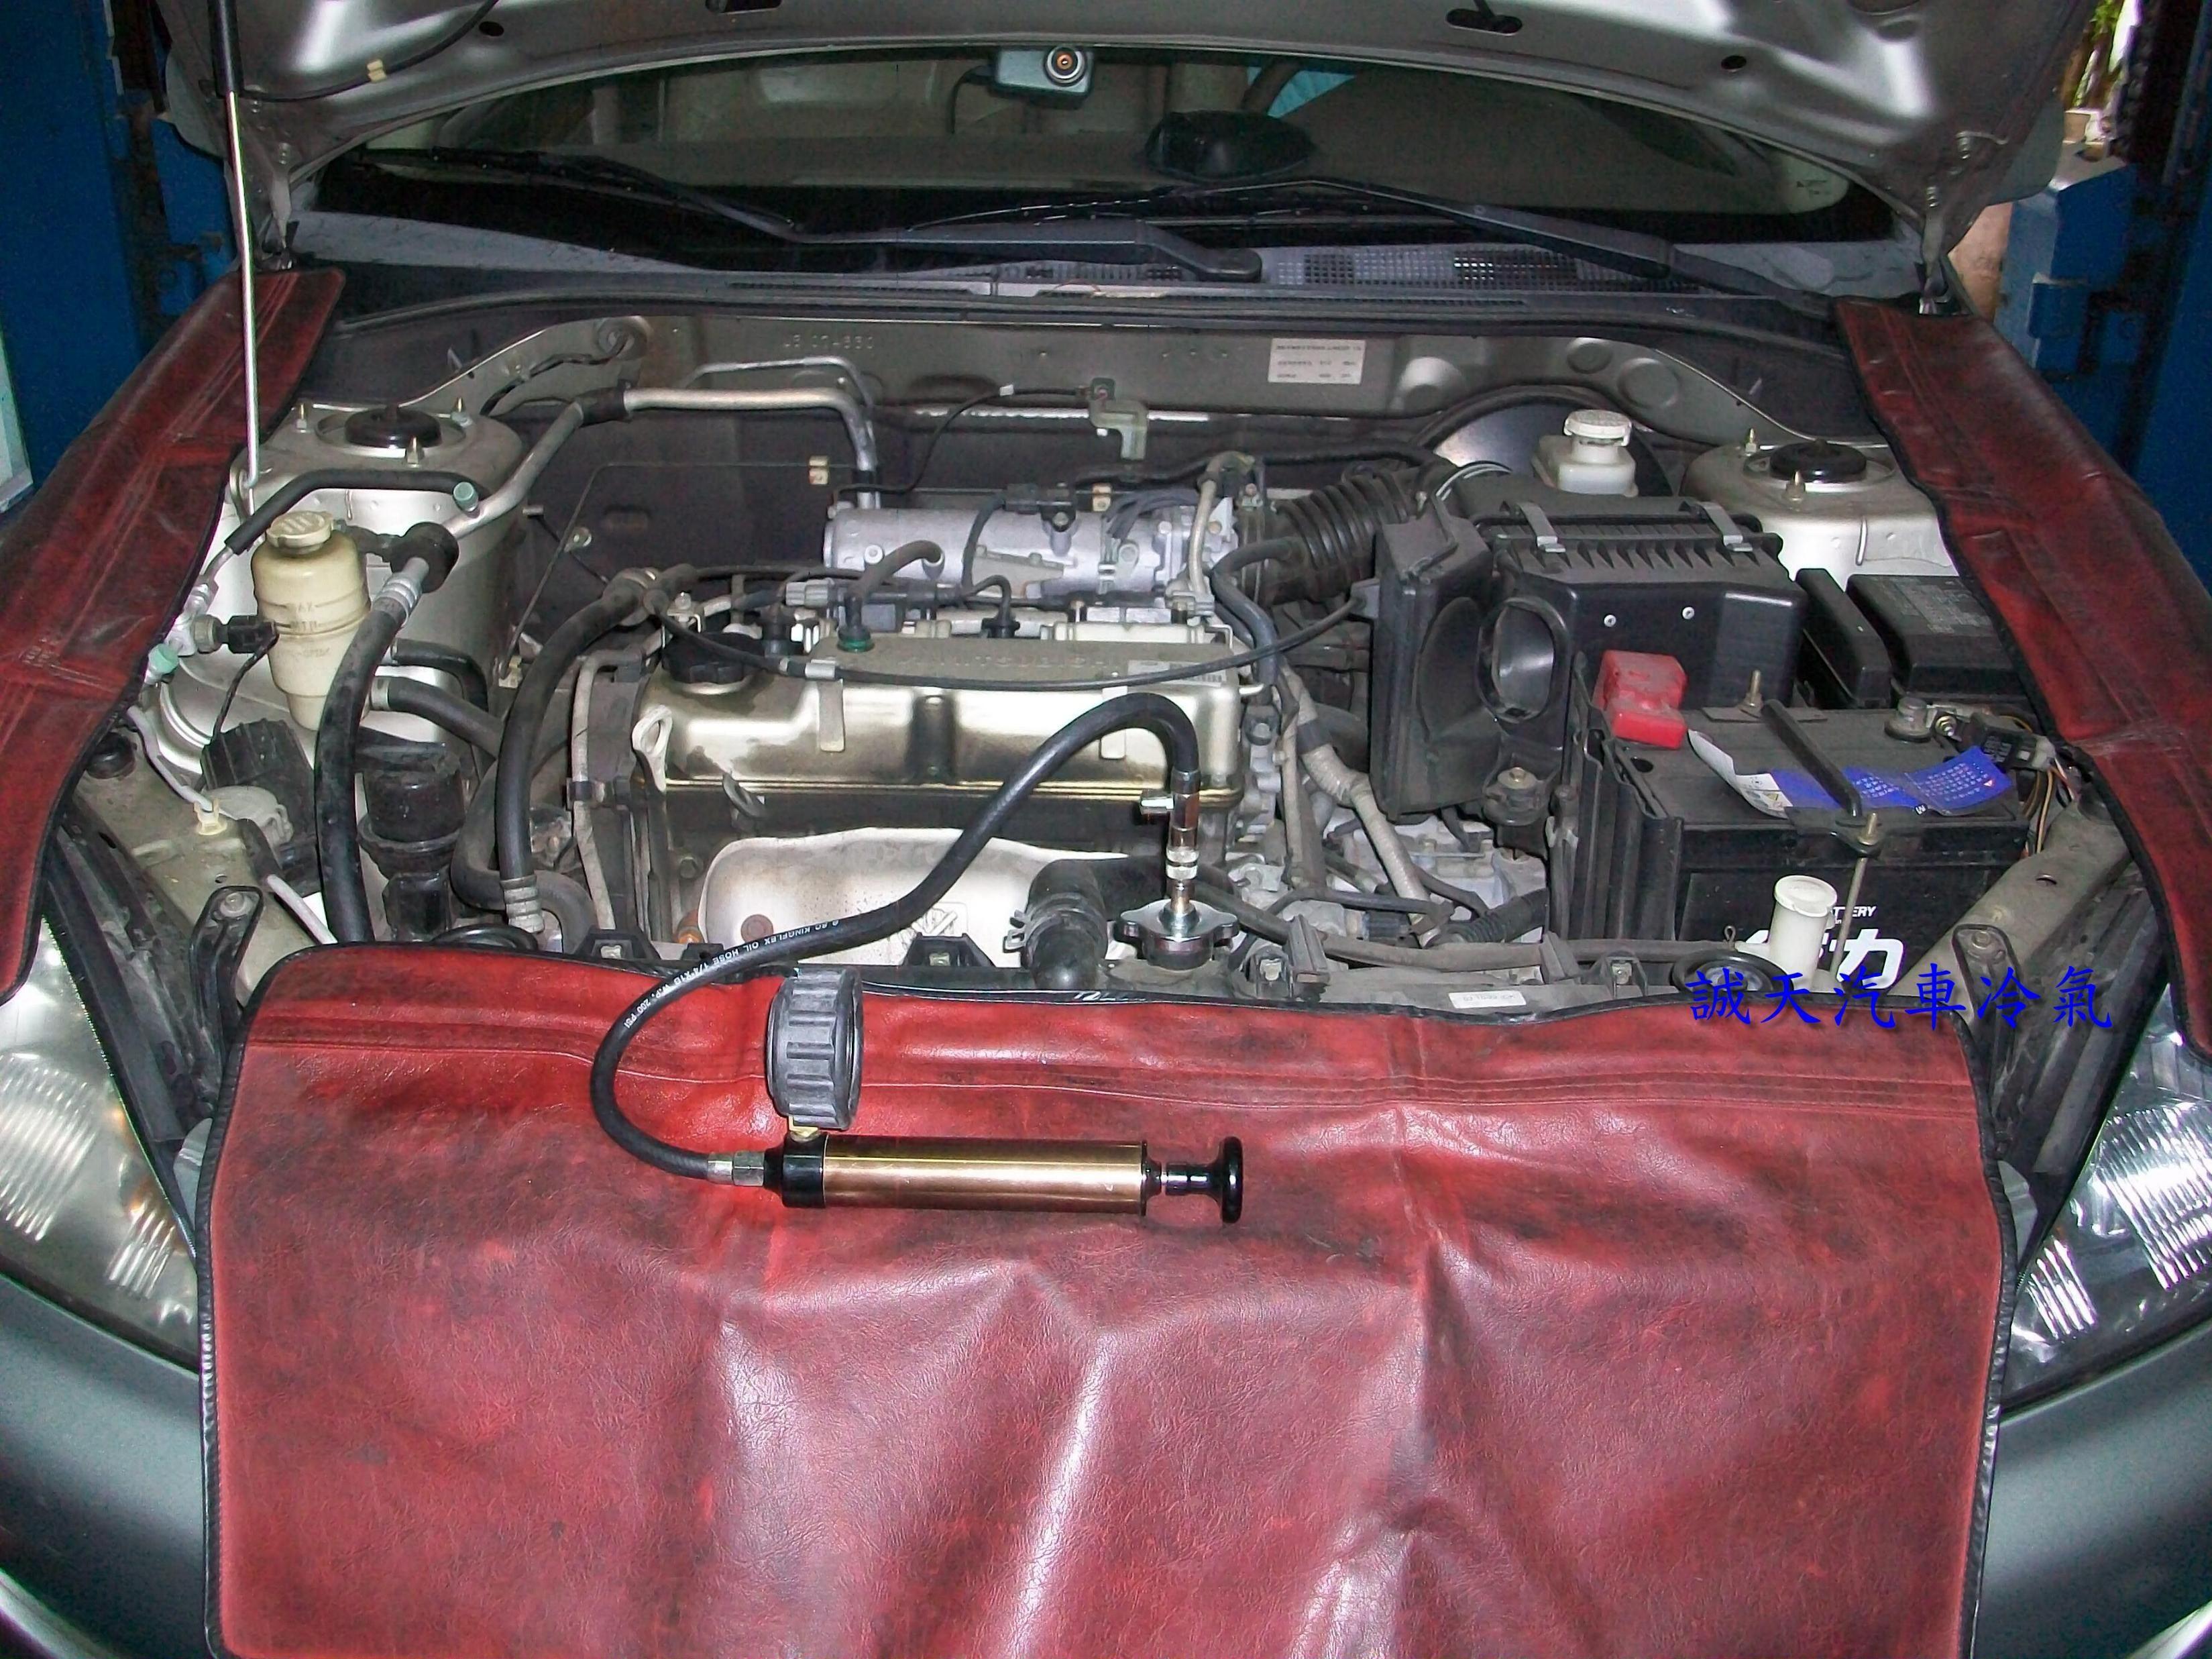 汽車修護甲級技術士精修汽車空調/汽車冷氣系統與壓縮機,專業解決不冷,不耐用,異音等問題。汽車空調 ...